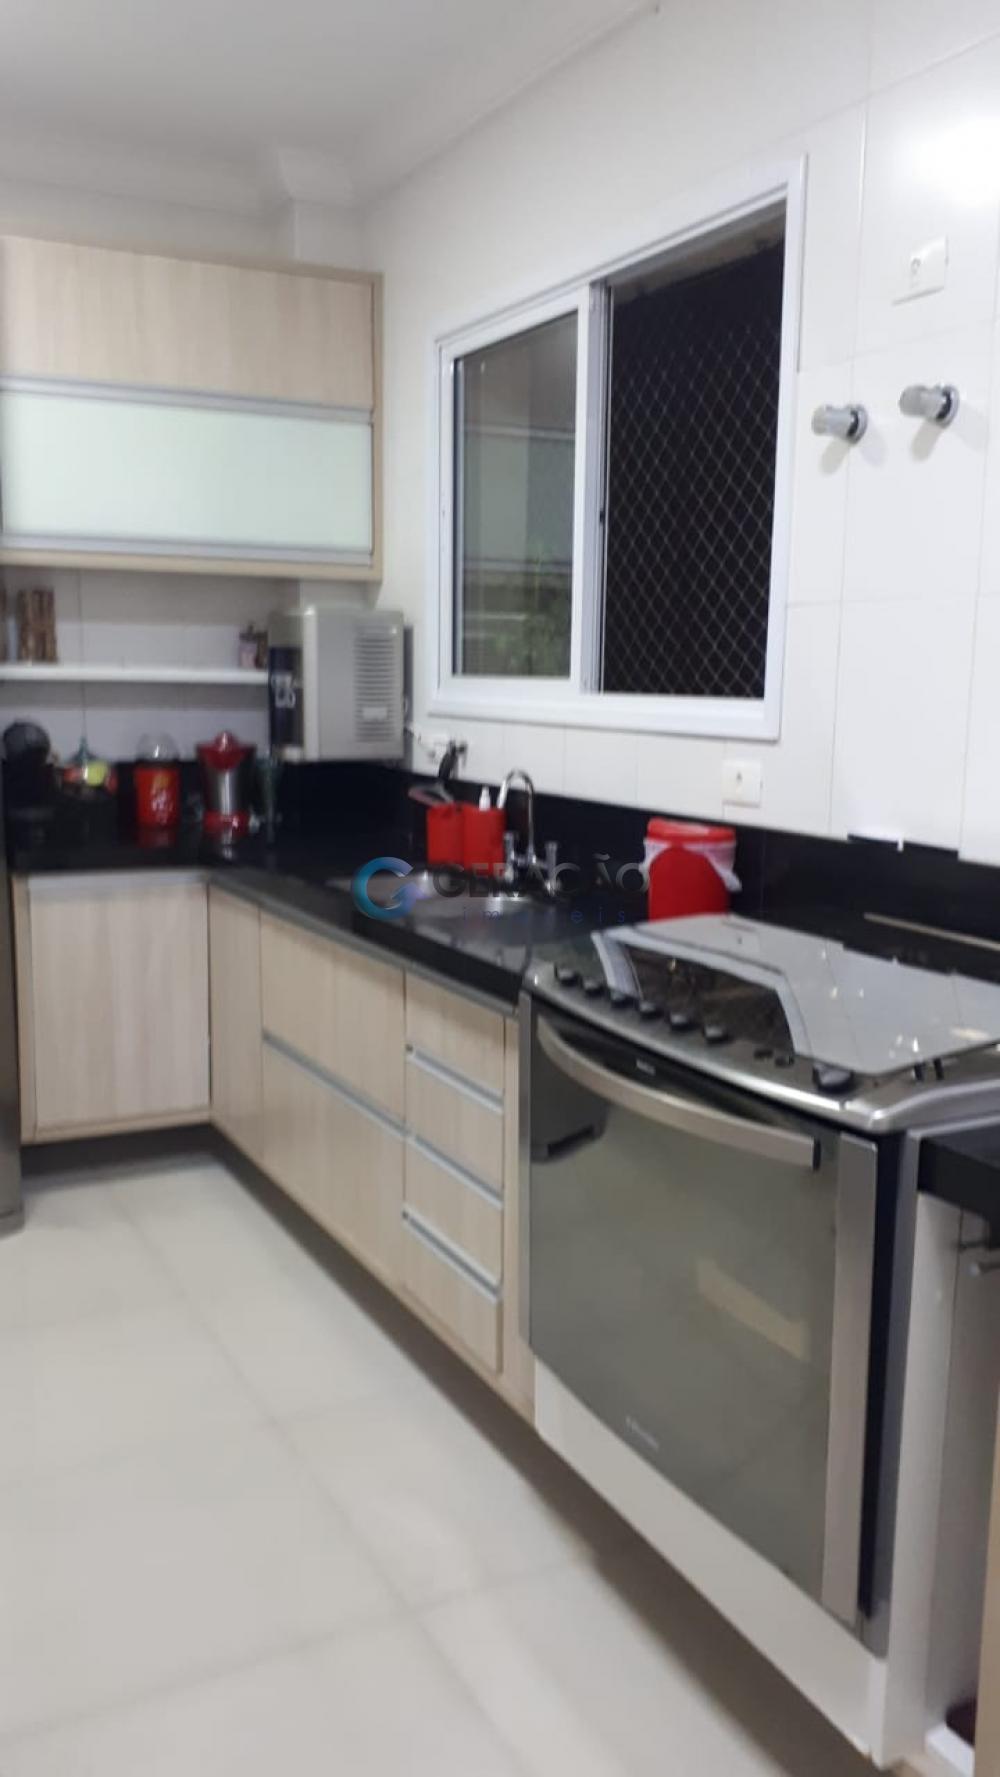 Comprar Apartamento / Padrão em São José dos Campos R$ 780.000,00 - Foto 12